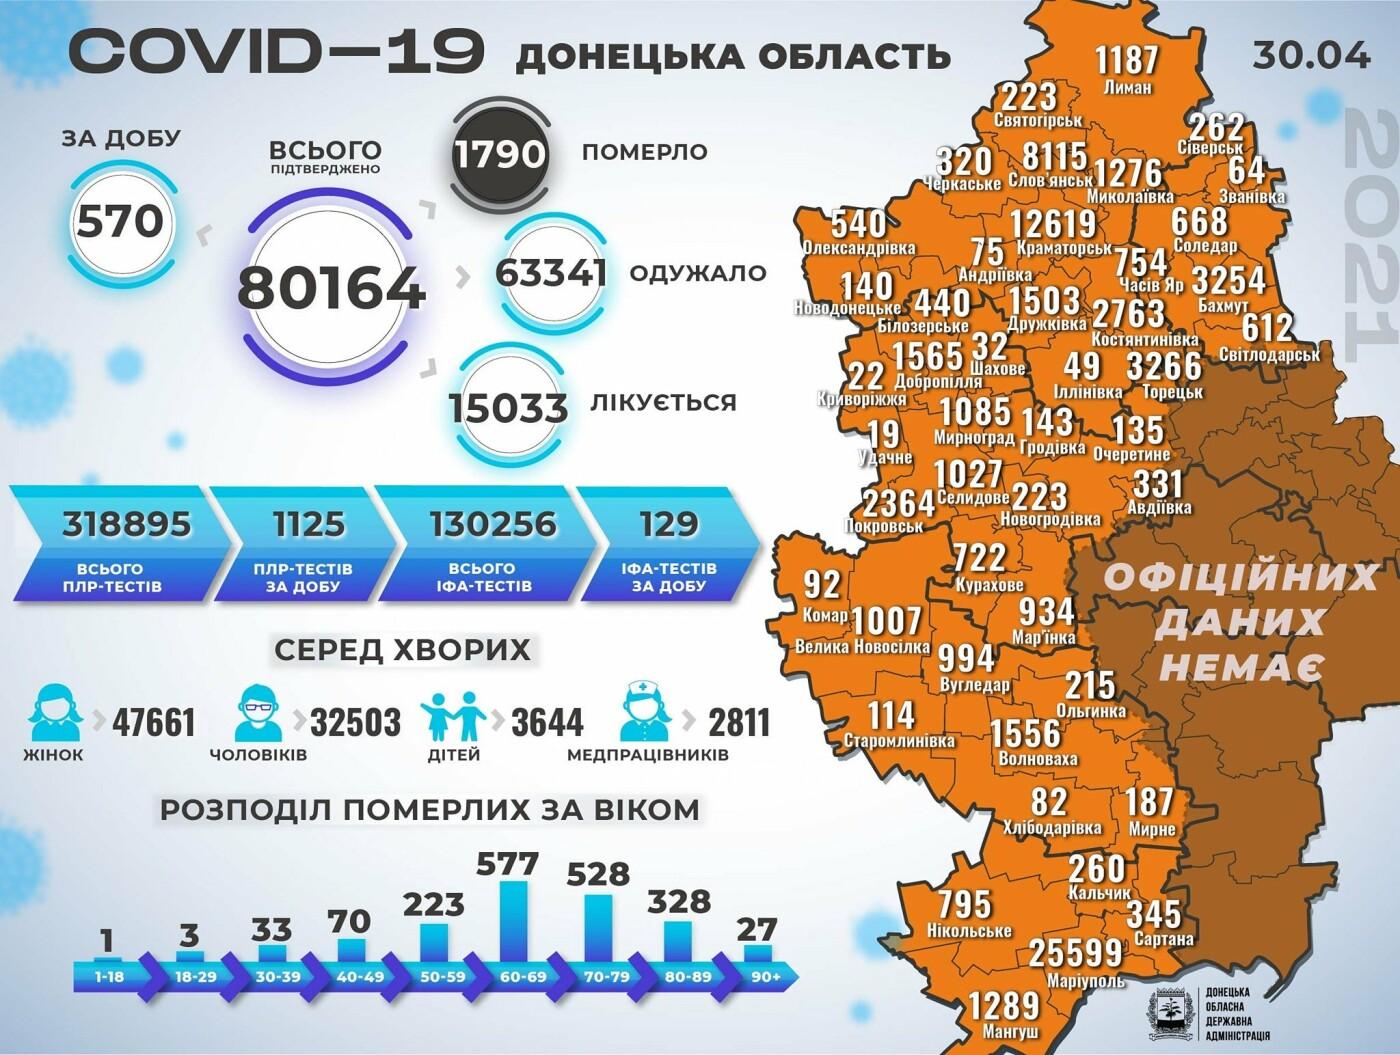 За сутки в Донецкой области скончались 35 больных COVID-19, заболели 570 жителей, фото-1